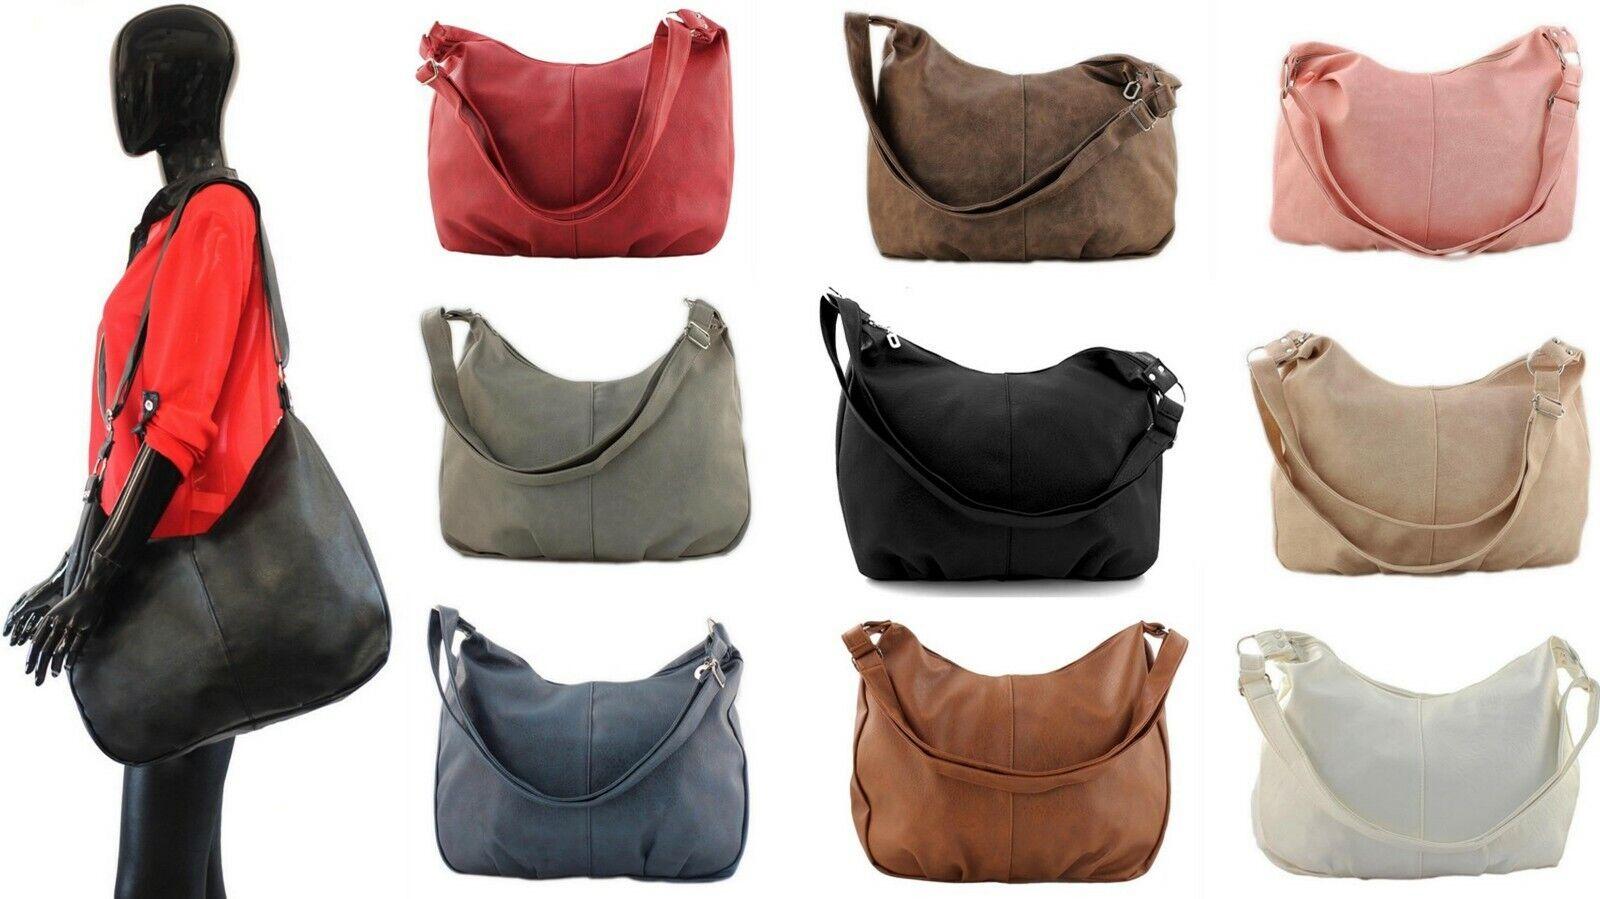 Handtasche Schwarz Schultertasche Damen Shopper Bag gross groß XL Damentasche S7